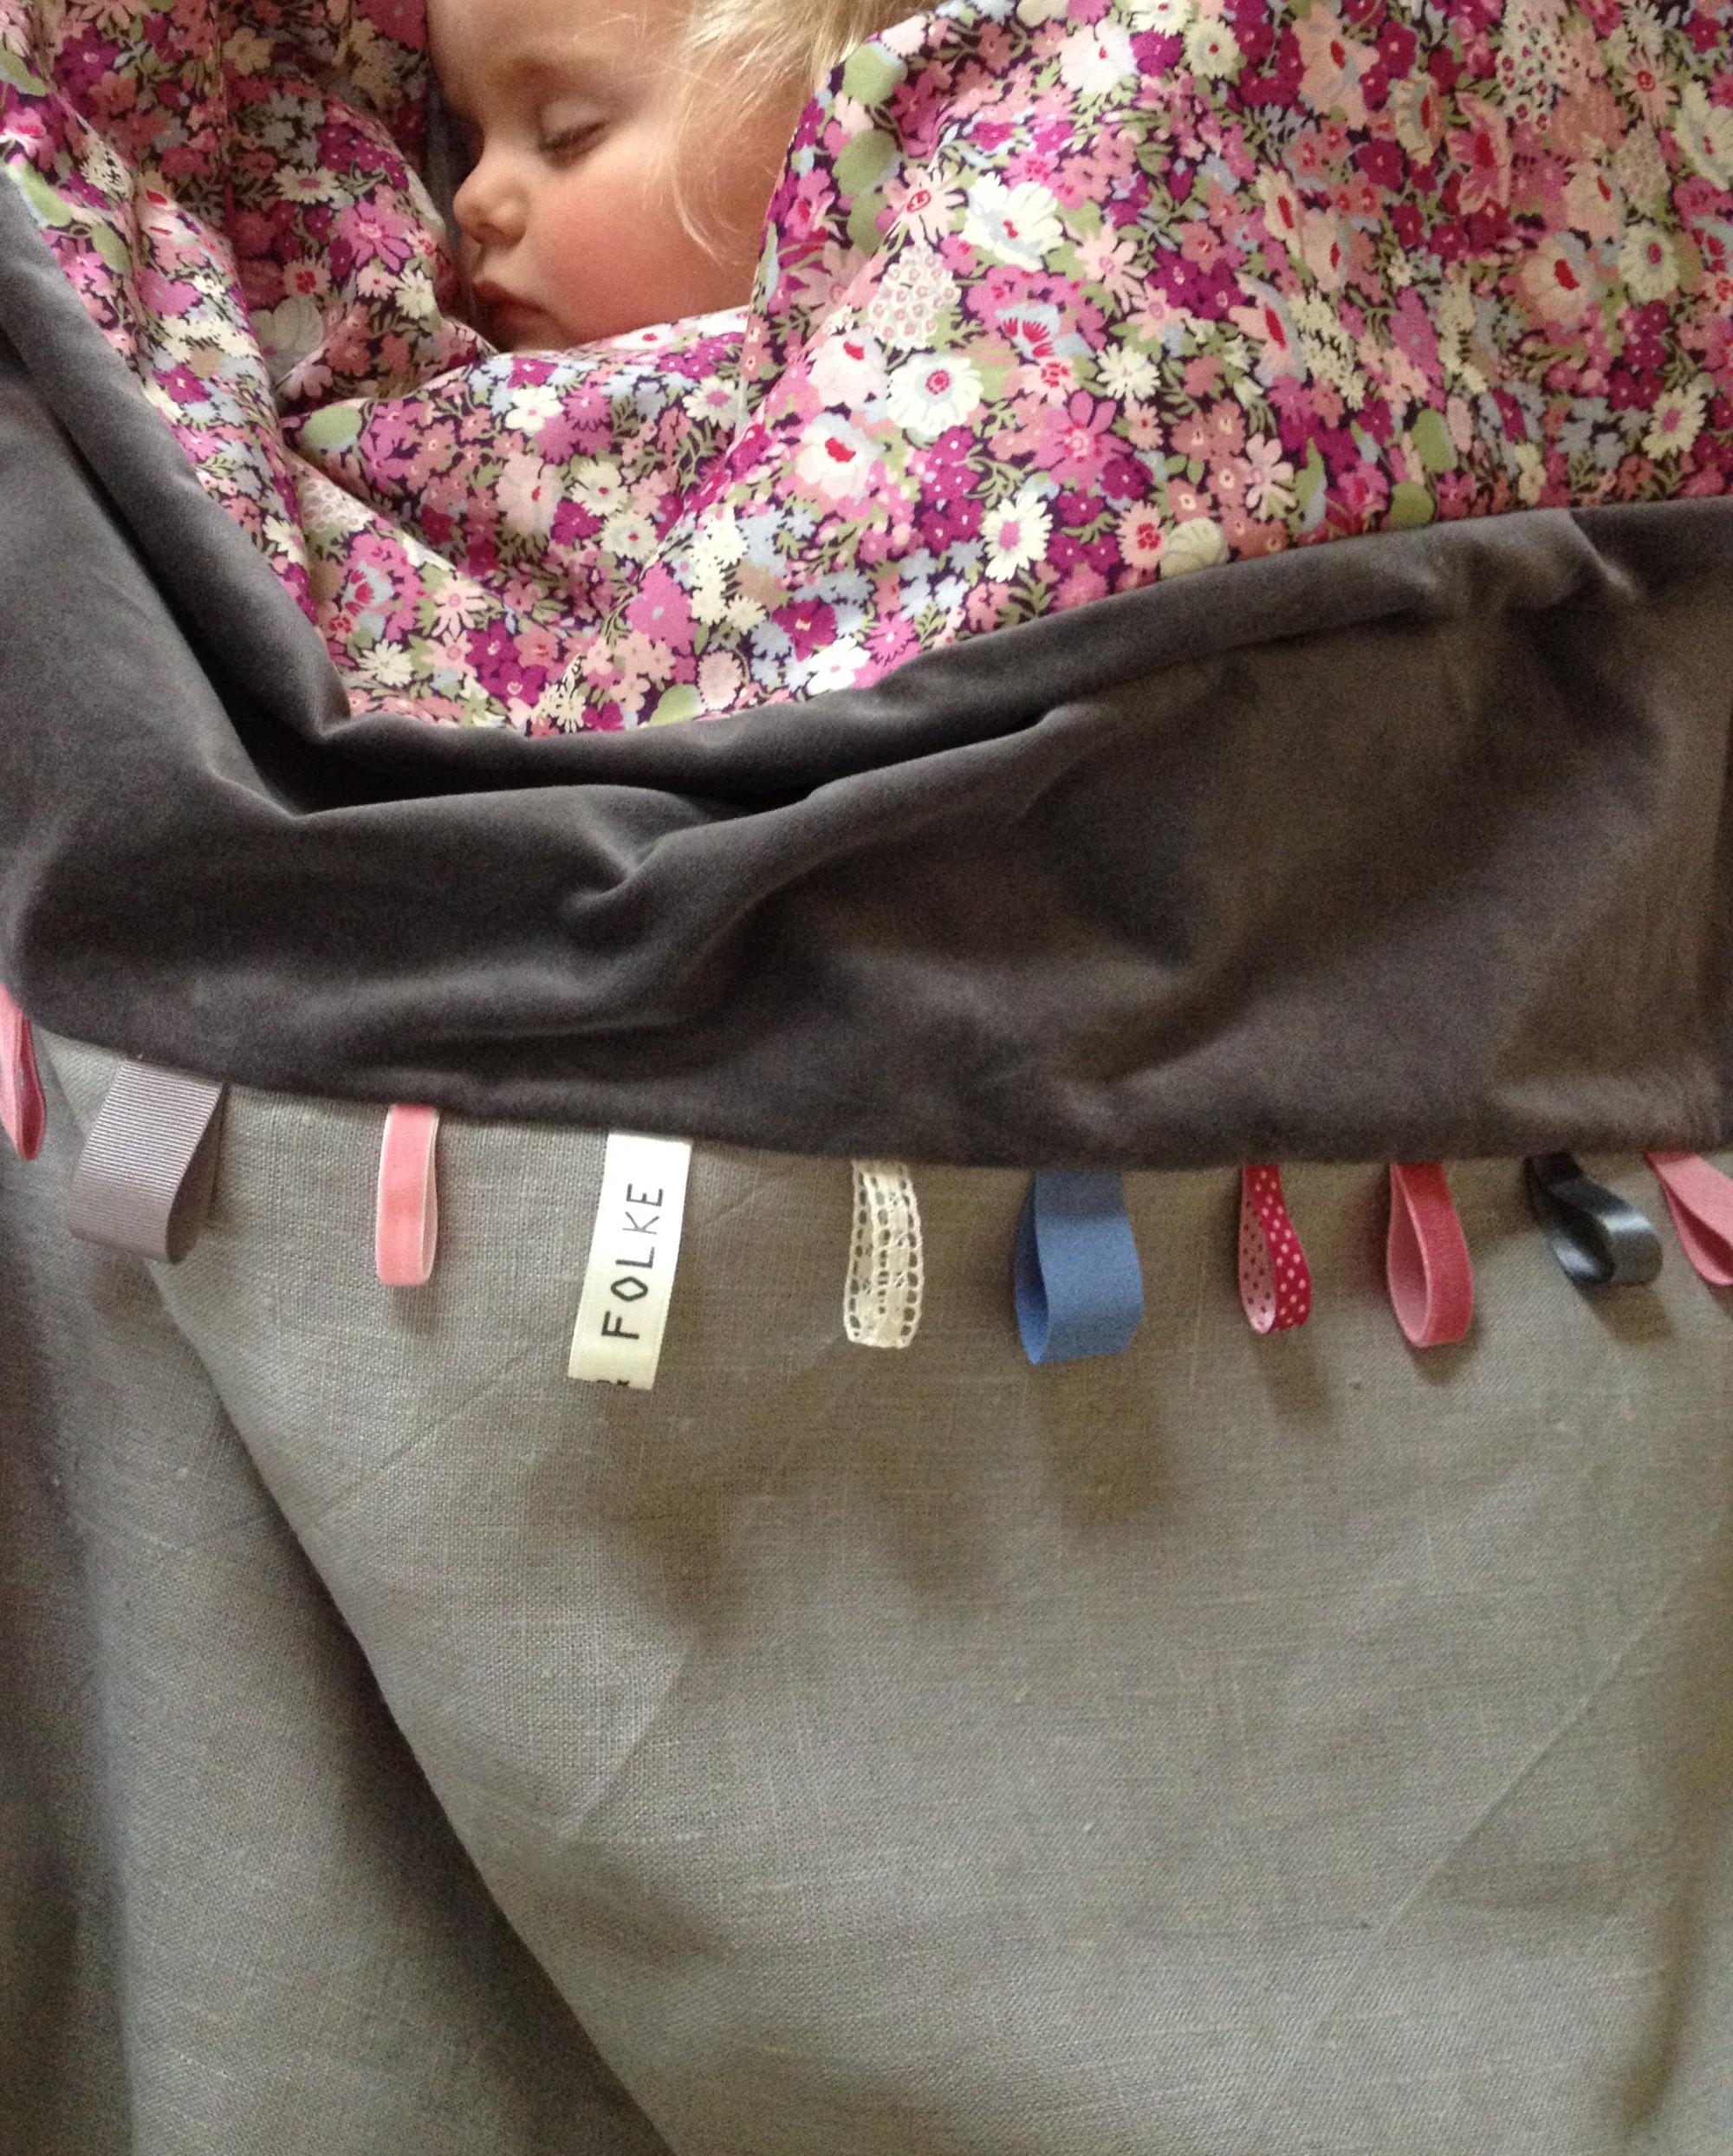 Oui Oui-mantas para bebés monas-mantas bebes con estilo-edredon bebé estiloso-sture and folke (1)